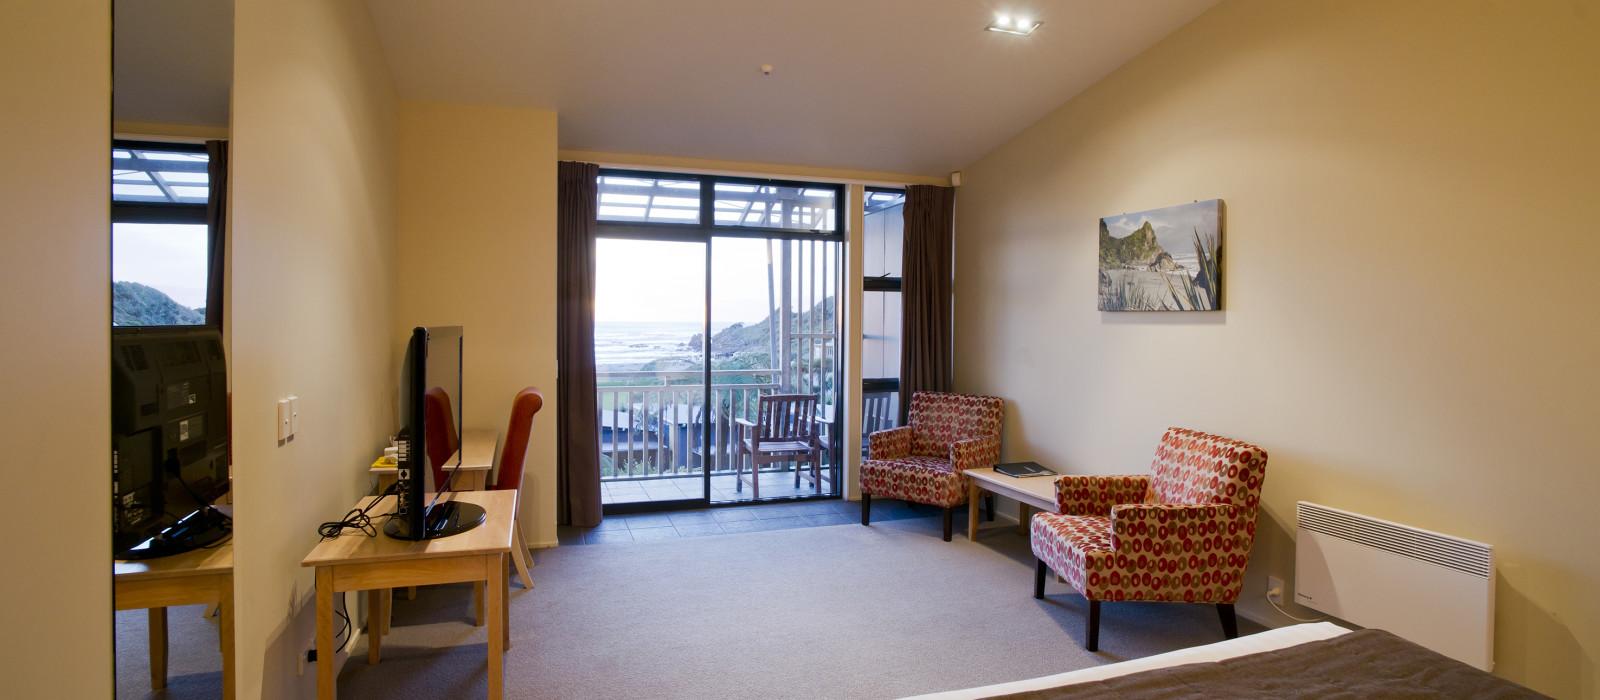 Hotel Punakaiki Resort New Zealand